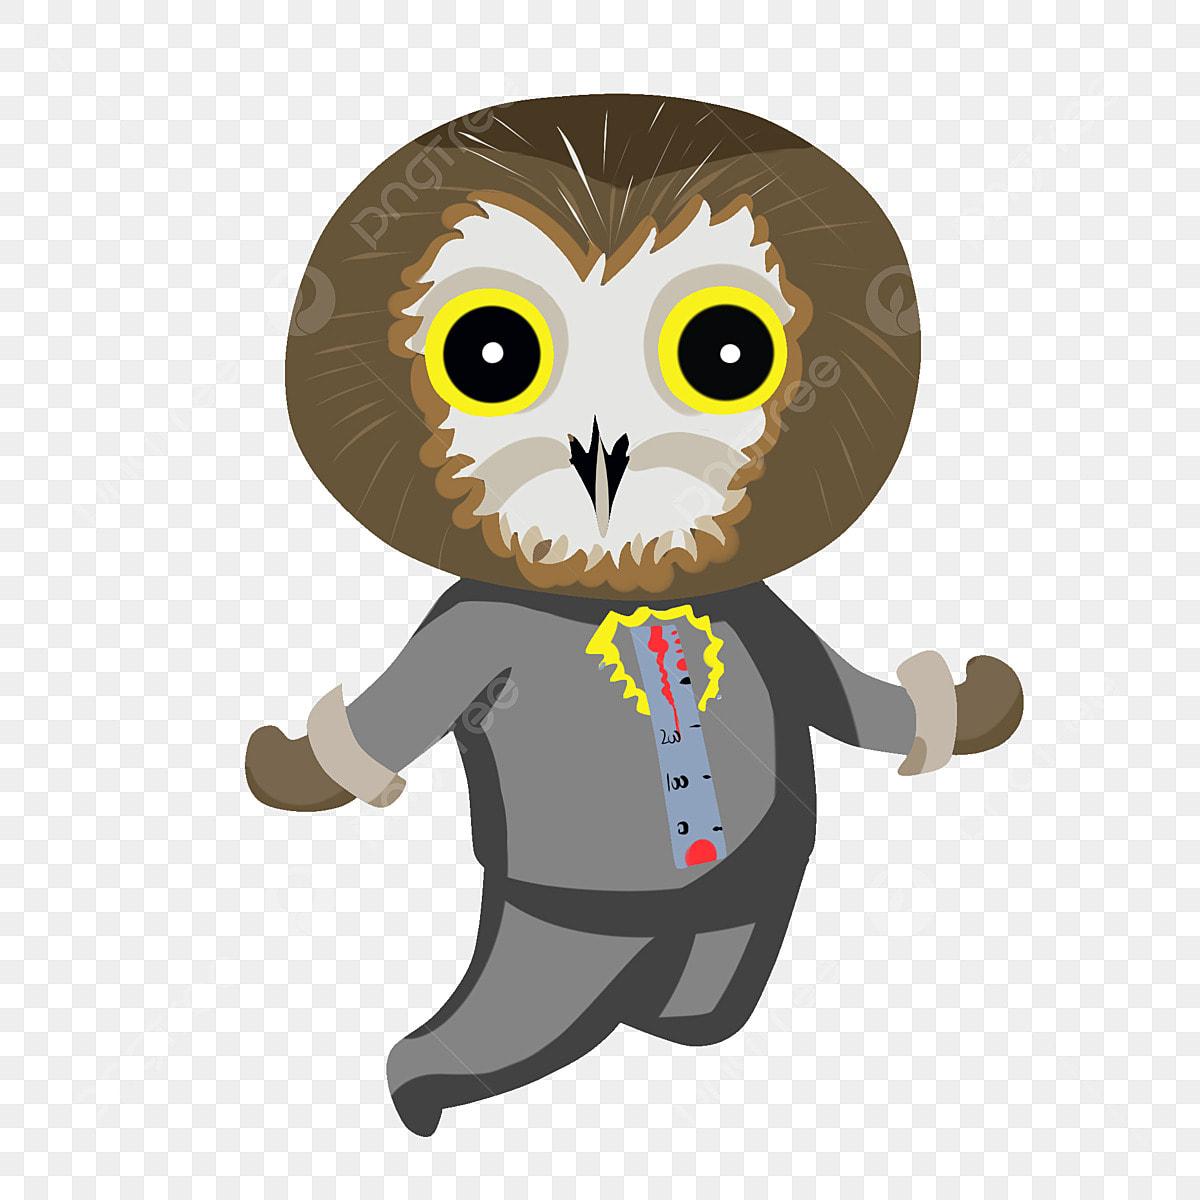 かわいいフクロウ Iqバーストテーブルフクロウ 丸い目 先のとがった口 手描きフクロウのイラスト 漫画イラスト 丸い目画像とpsd素材ファイルの無料ダウンロード Pngtree